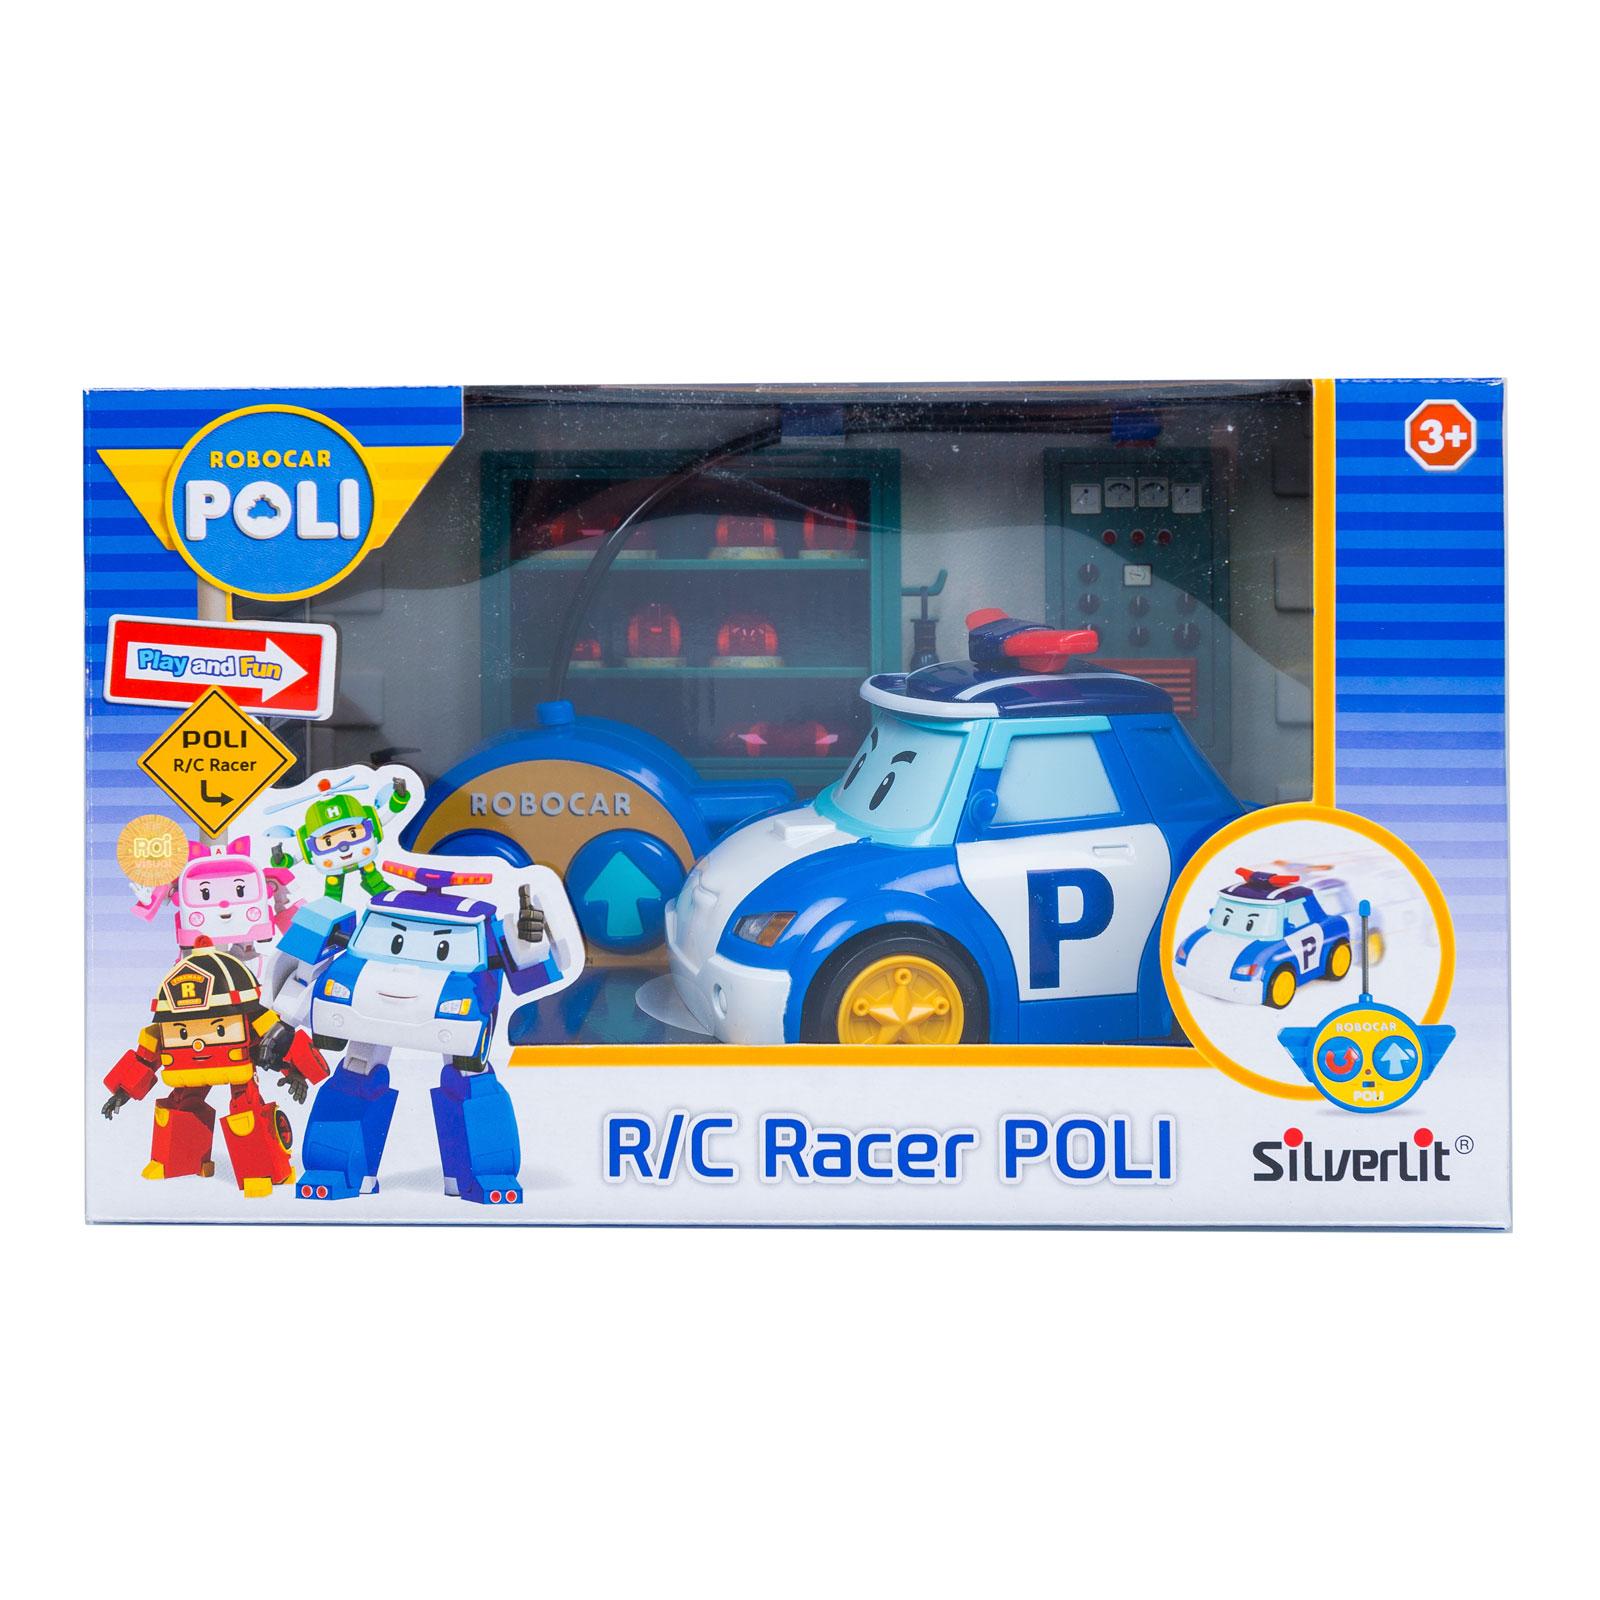 Машинки Silverlit Poli Robocar на радиоуправлении Полицейская 15 см с 3 лет<br>